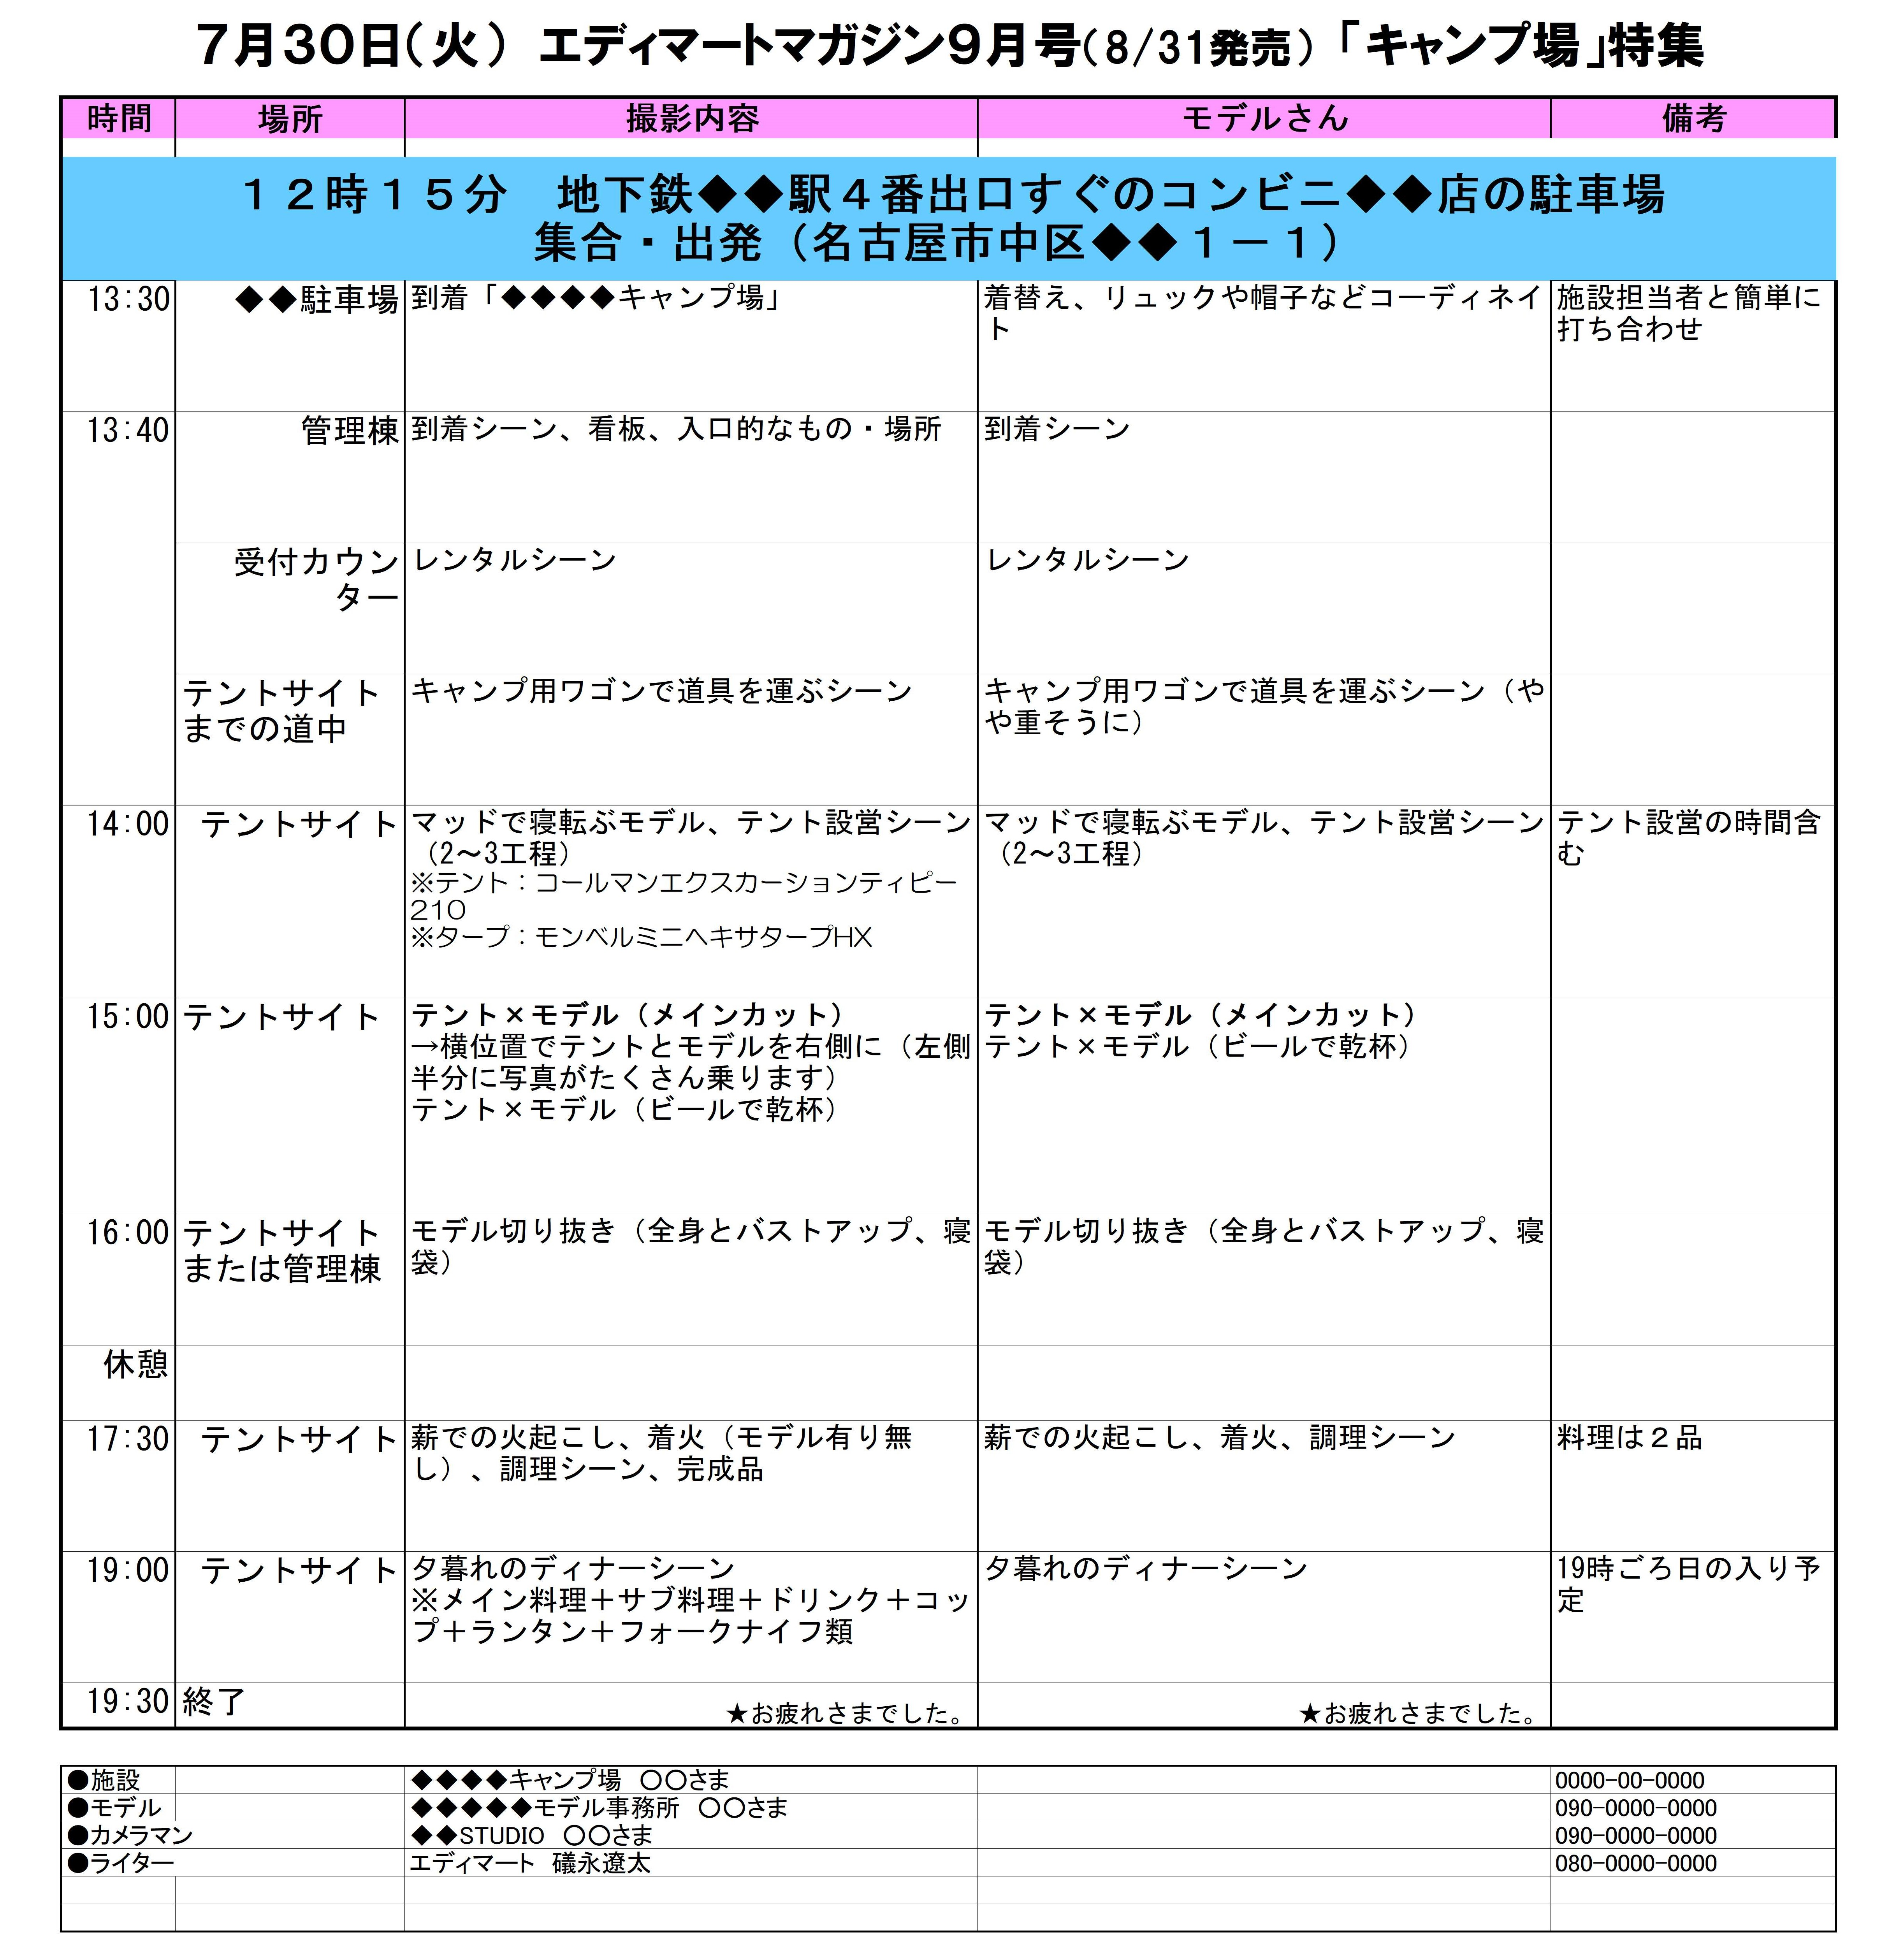 スケジュール表、香盤表の例